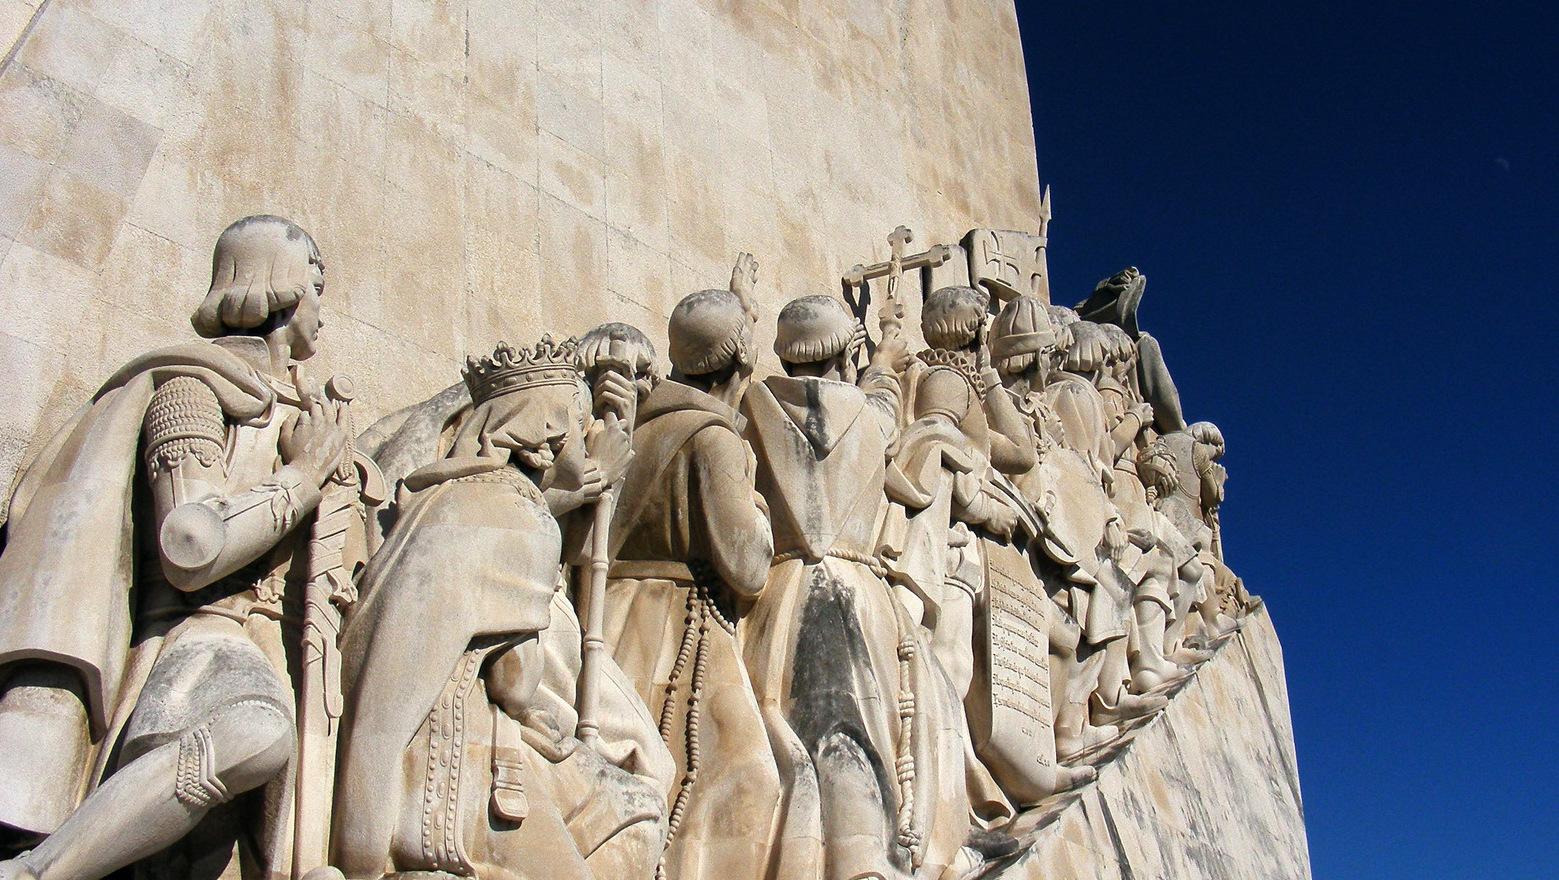 El 'Monumento a los Descubrimientos' mira hacia el otro lado del Océano, pero Lisboa ya conquistó ese otro.